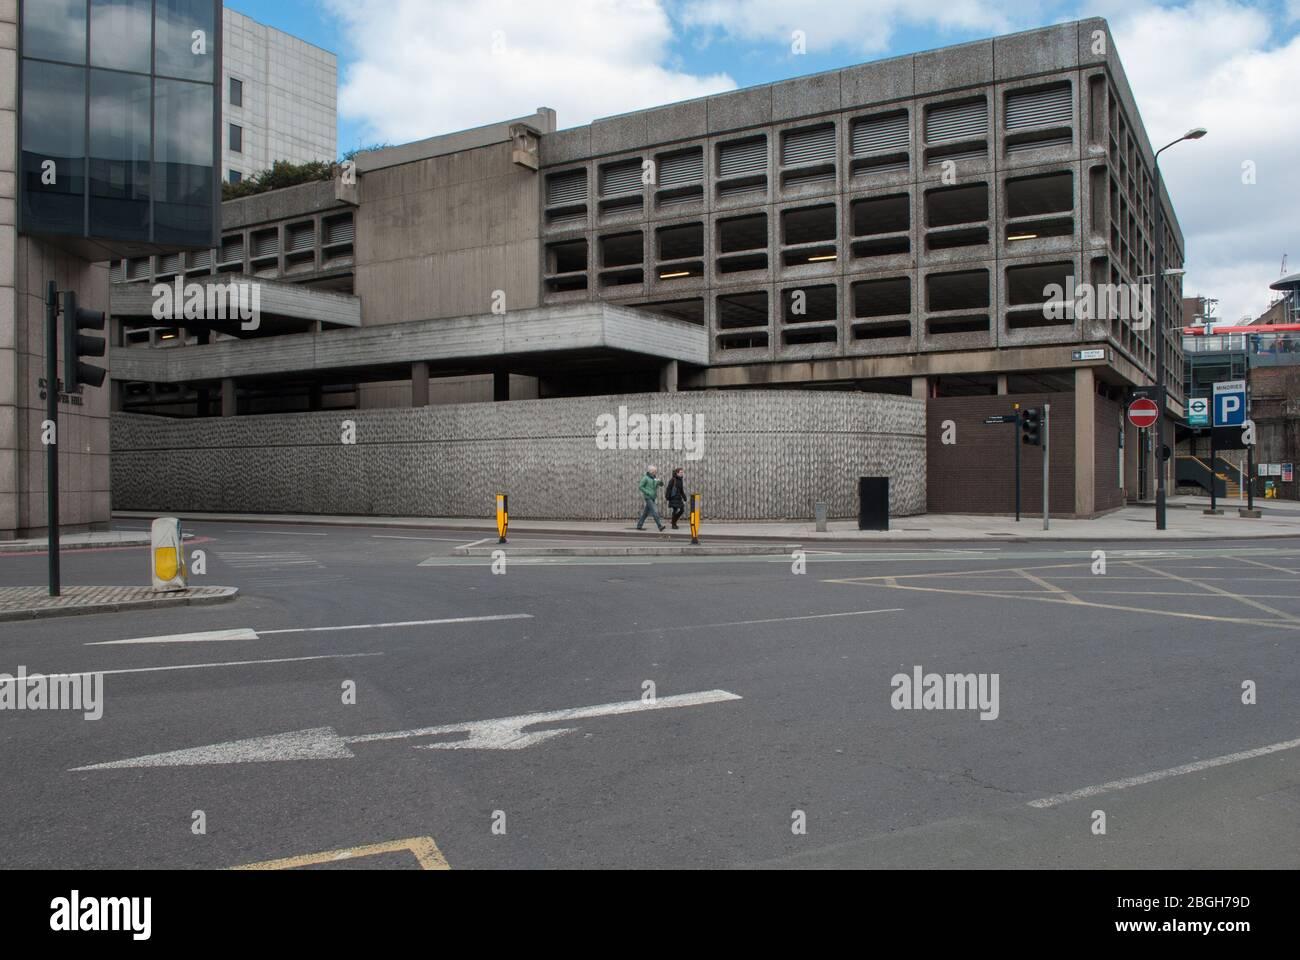 1960s Brutalist Architecture Reinforced Concrete Brutalism Minories Car Park 1 Shorter Street, Tower, London E1 8LP Stock Photo